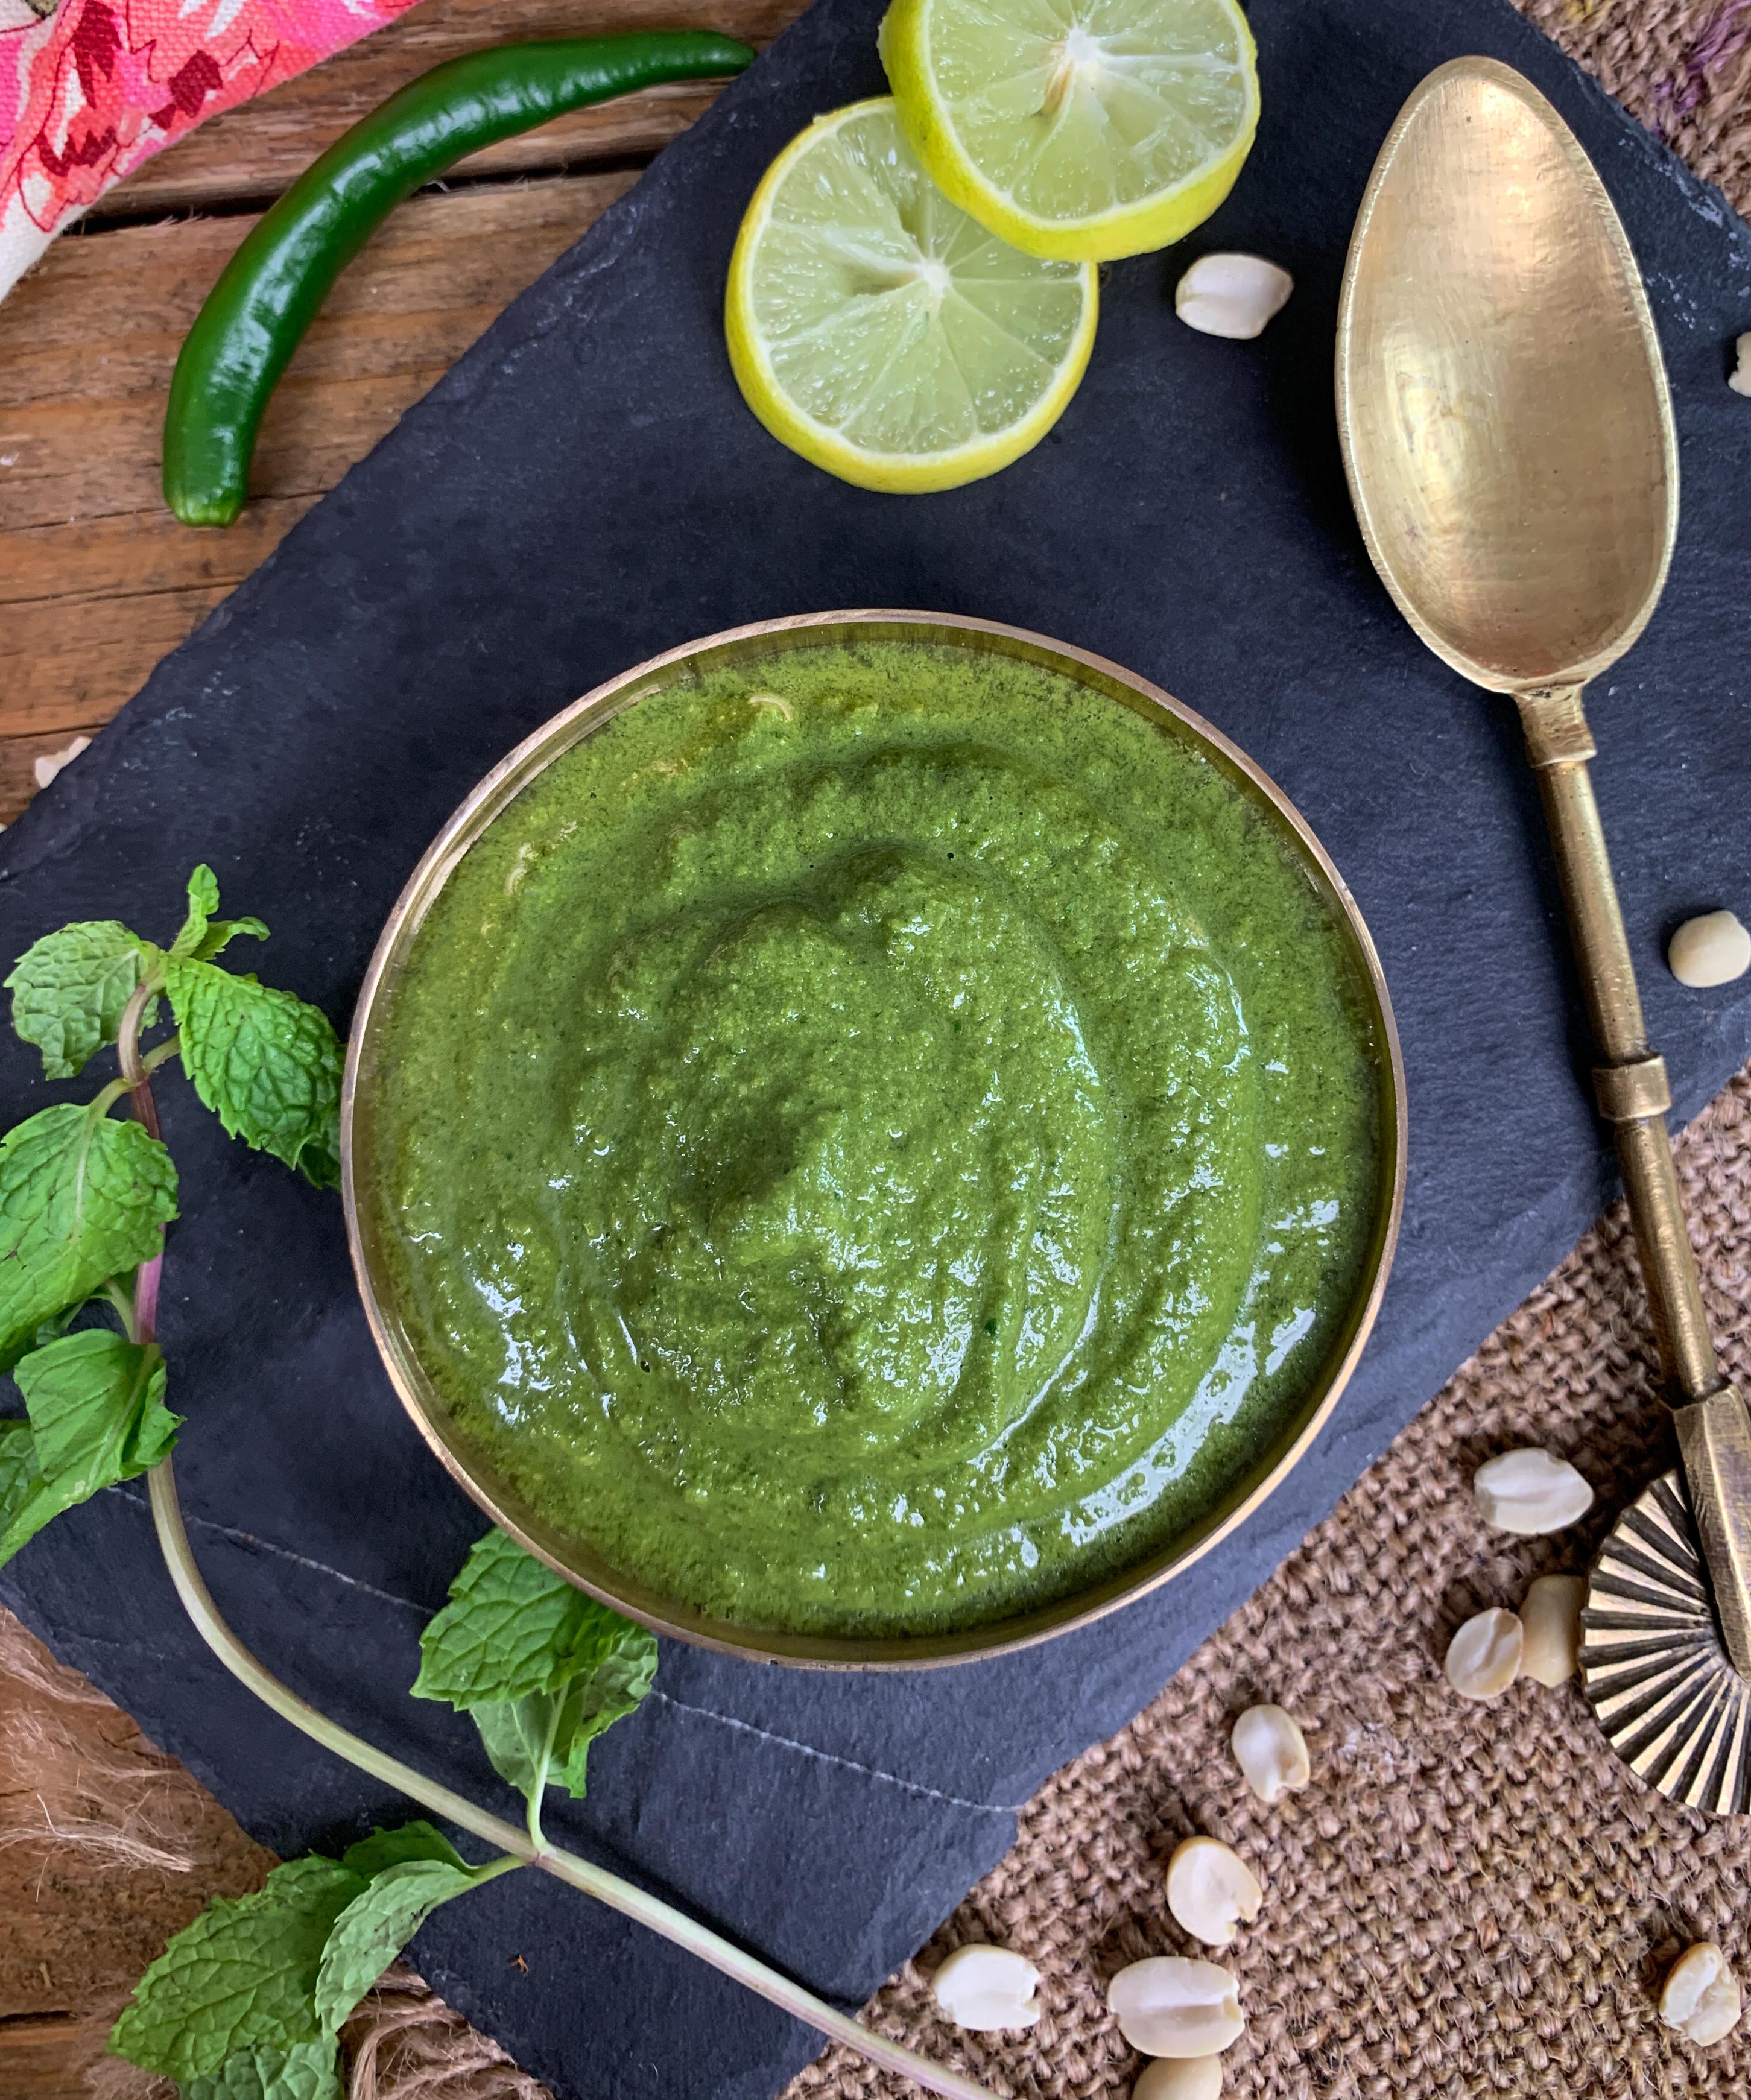 Green Chutney Recipe - Dhania Pudina Chutney by Archana's Kitchen